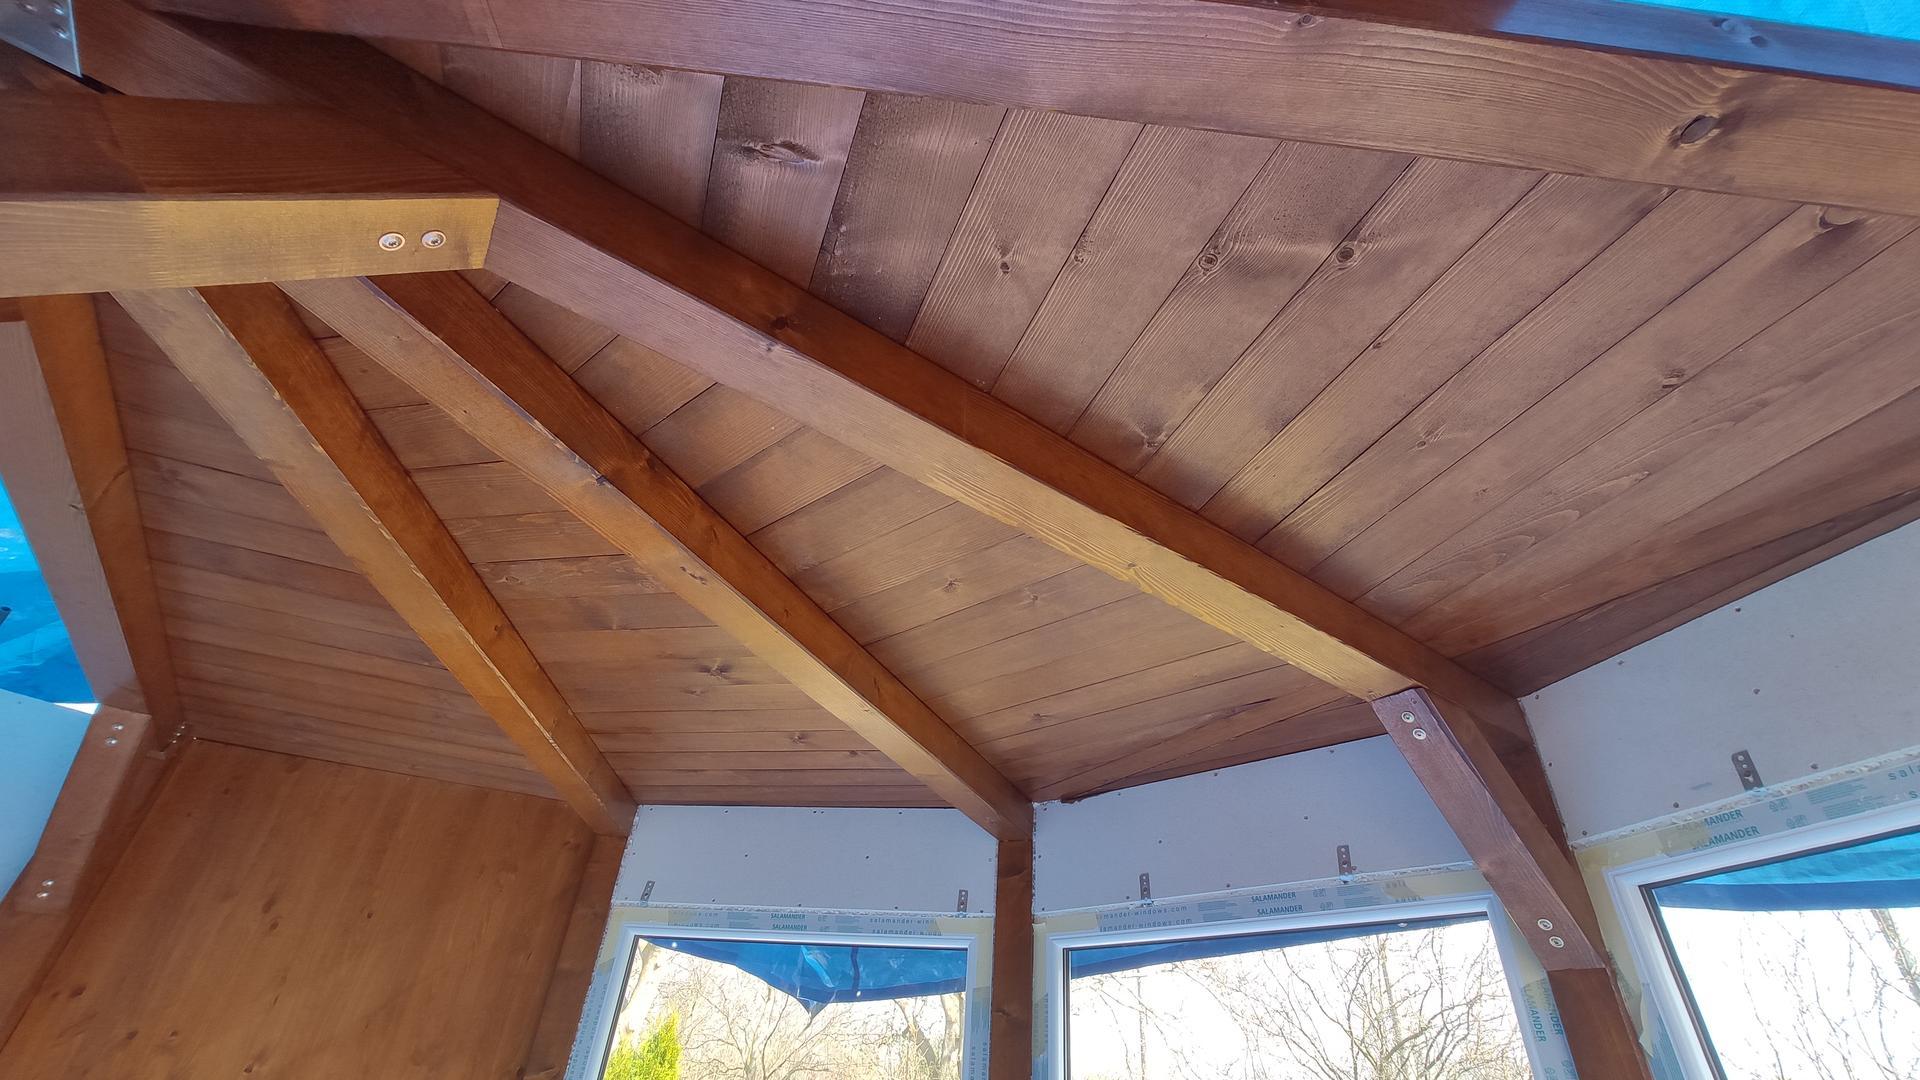 Relaxačný domček sauna a oddychová miestnosť ... plány, príprava a realizácia - Obrázok č. 91